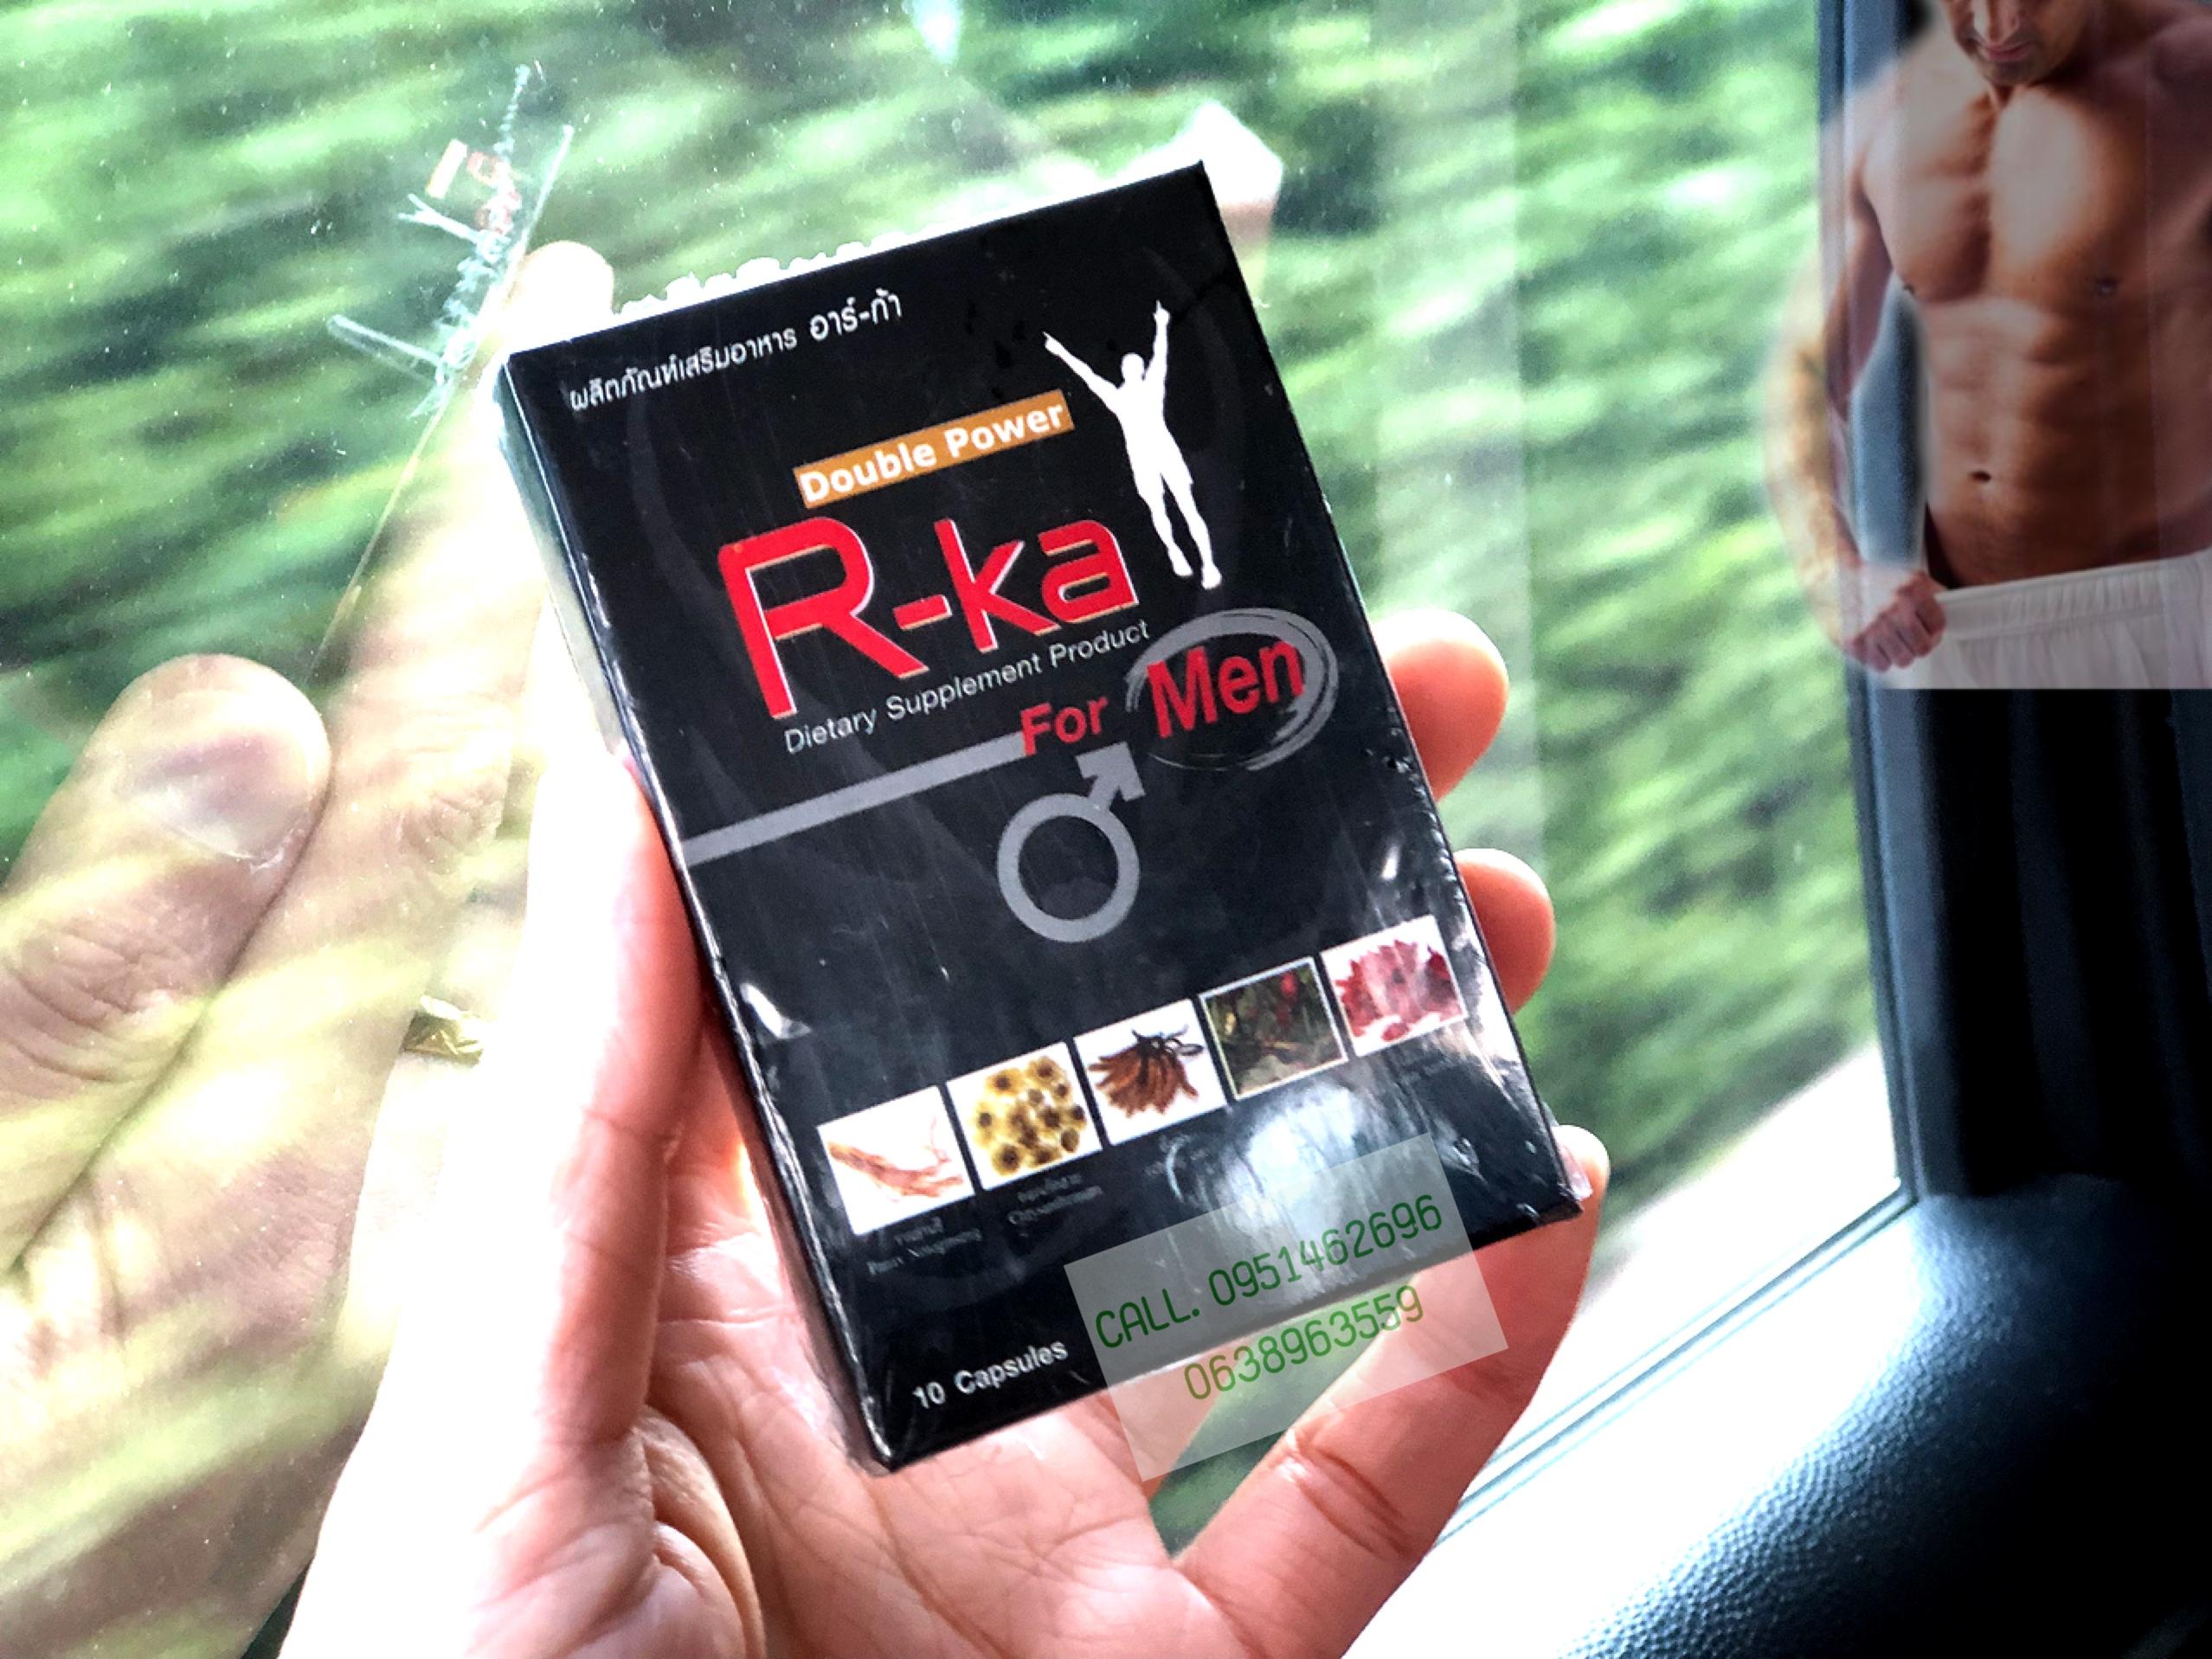 อาร์ก้า ส่งฟรี 490 บาท RKA R-Ka FOR MEN 10 CAPSULE